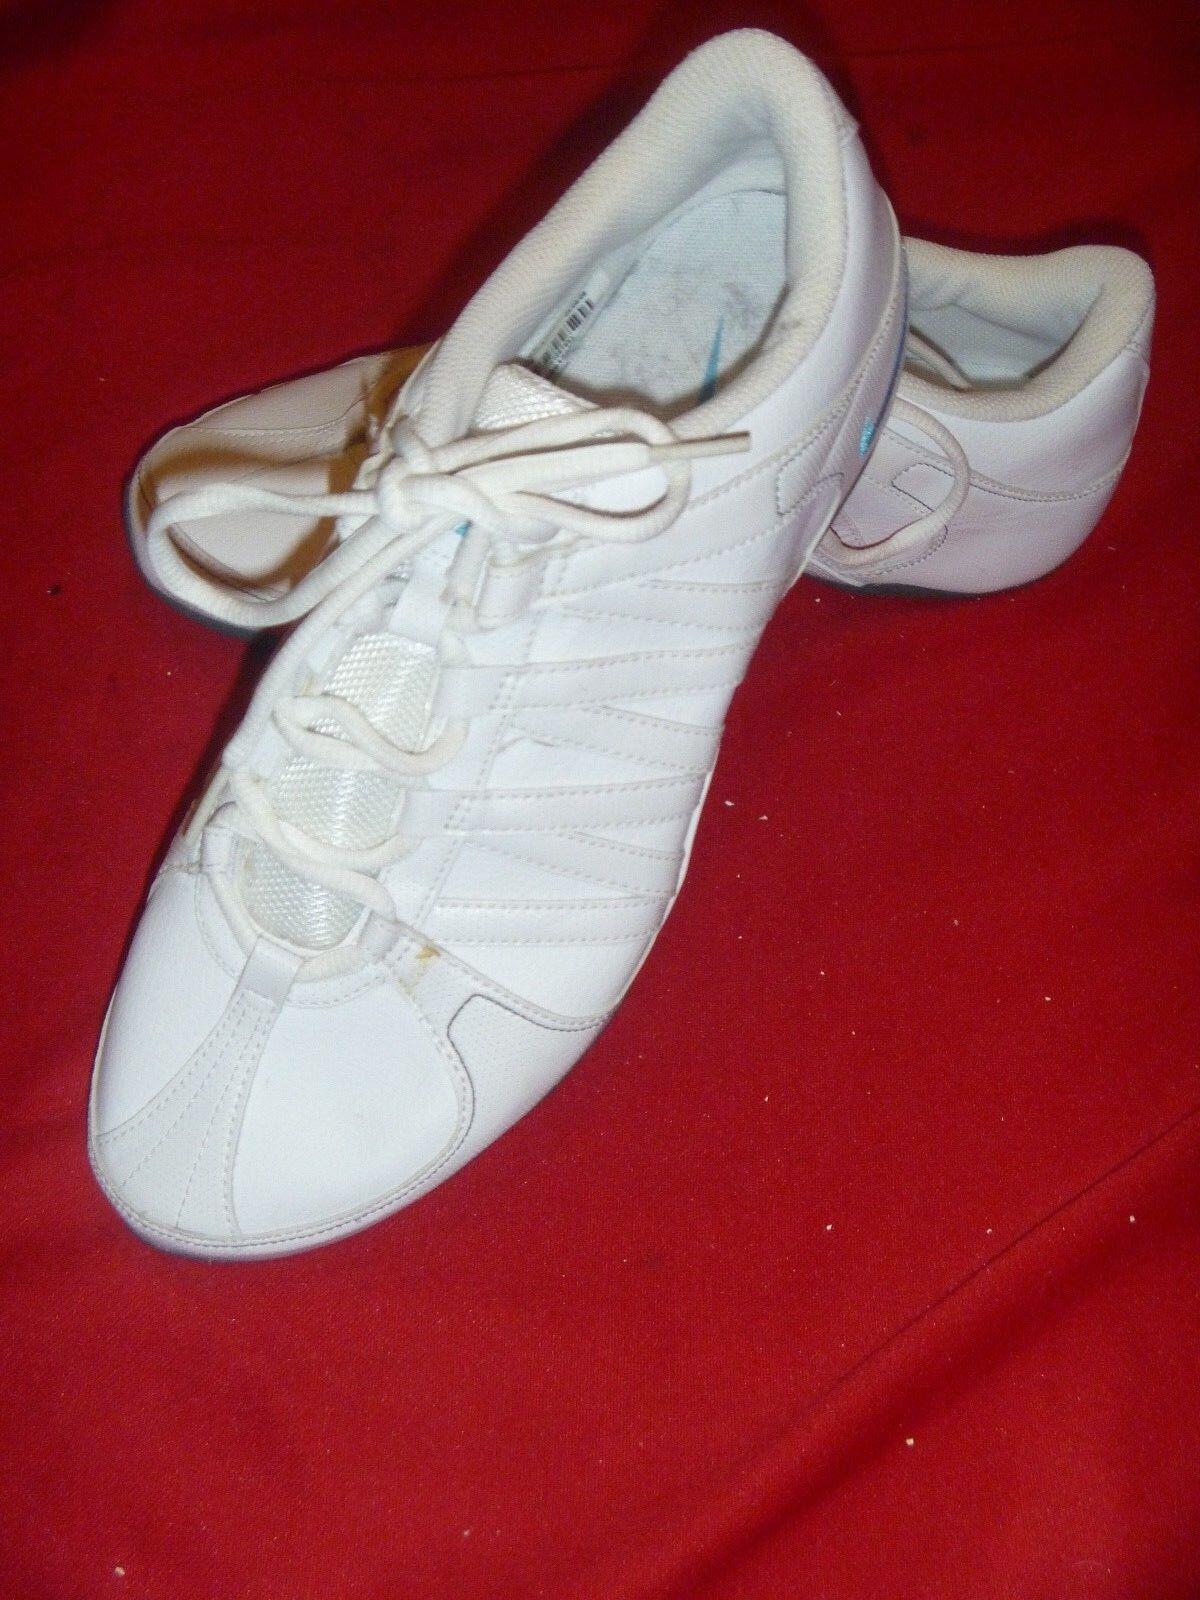 NIKE White Leather NE MARQUE PAS PAS PAS Non marking Aerobic Tennis shoes Sz 9 1 2 yoga 024d4e